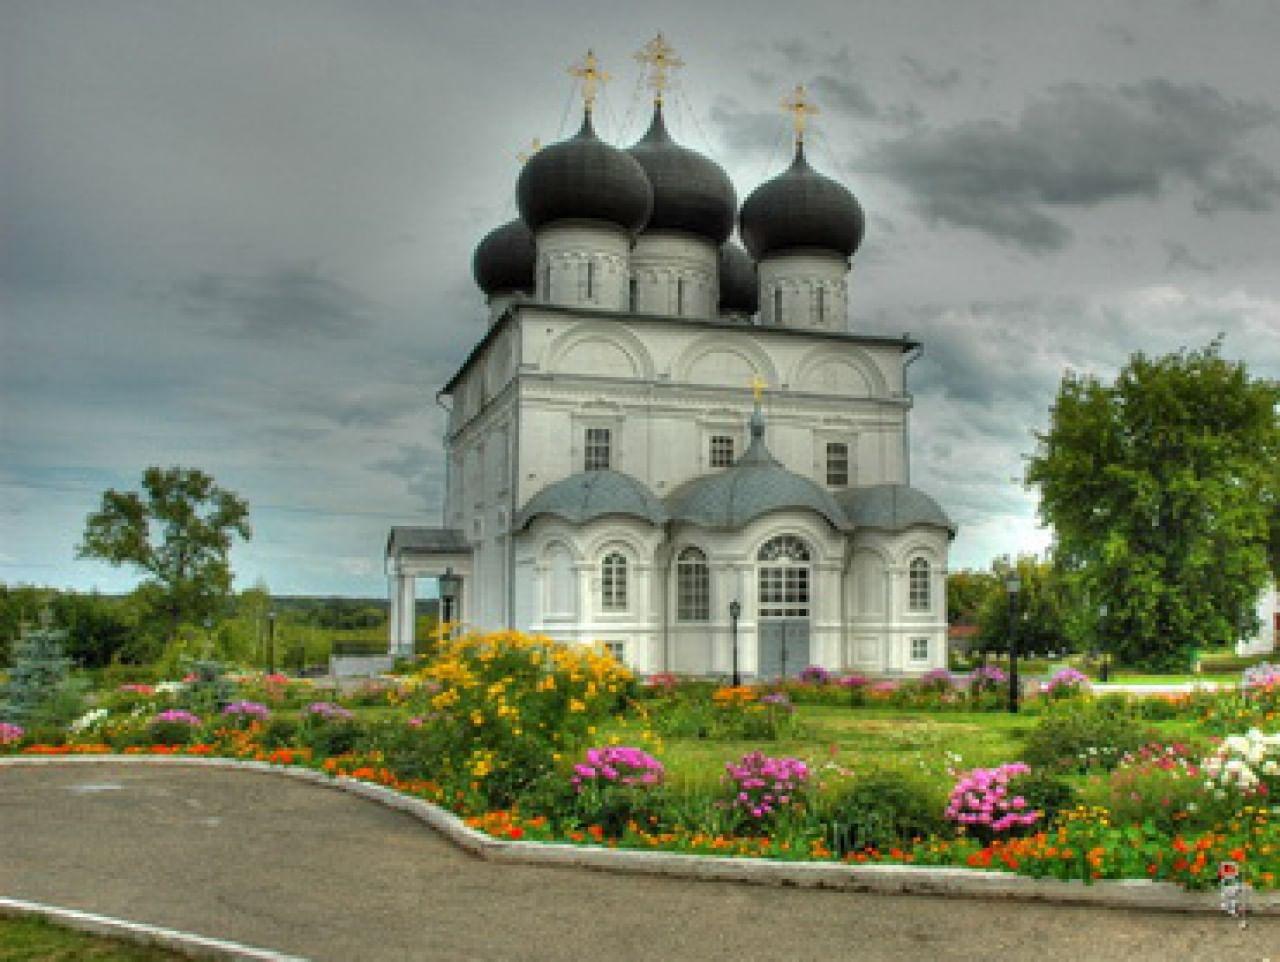 трифонов монастырь картинка гостевом доме анжелика